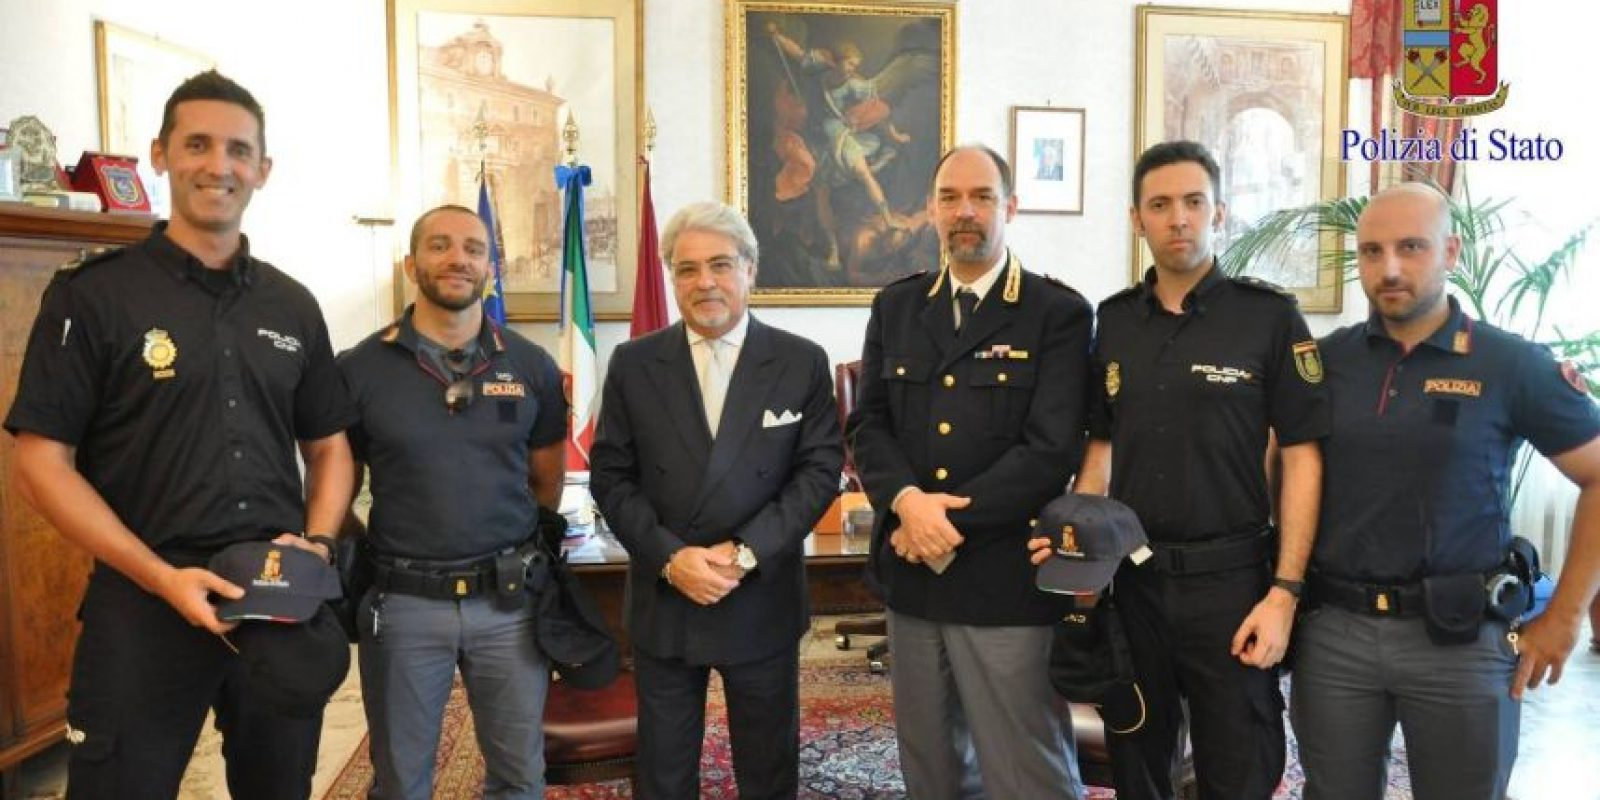 La historia le valió el reconocimiento a la Policía de Roma Foto:facebook.com/questuradiroma